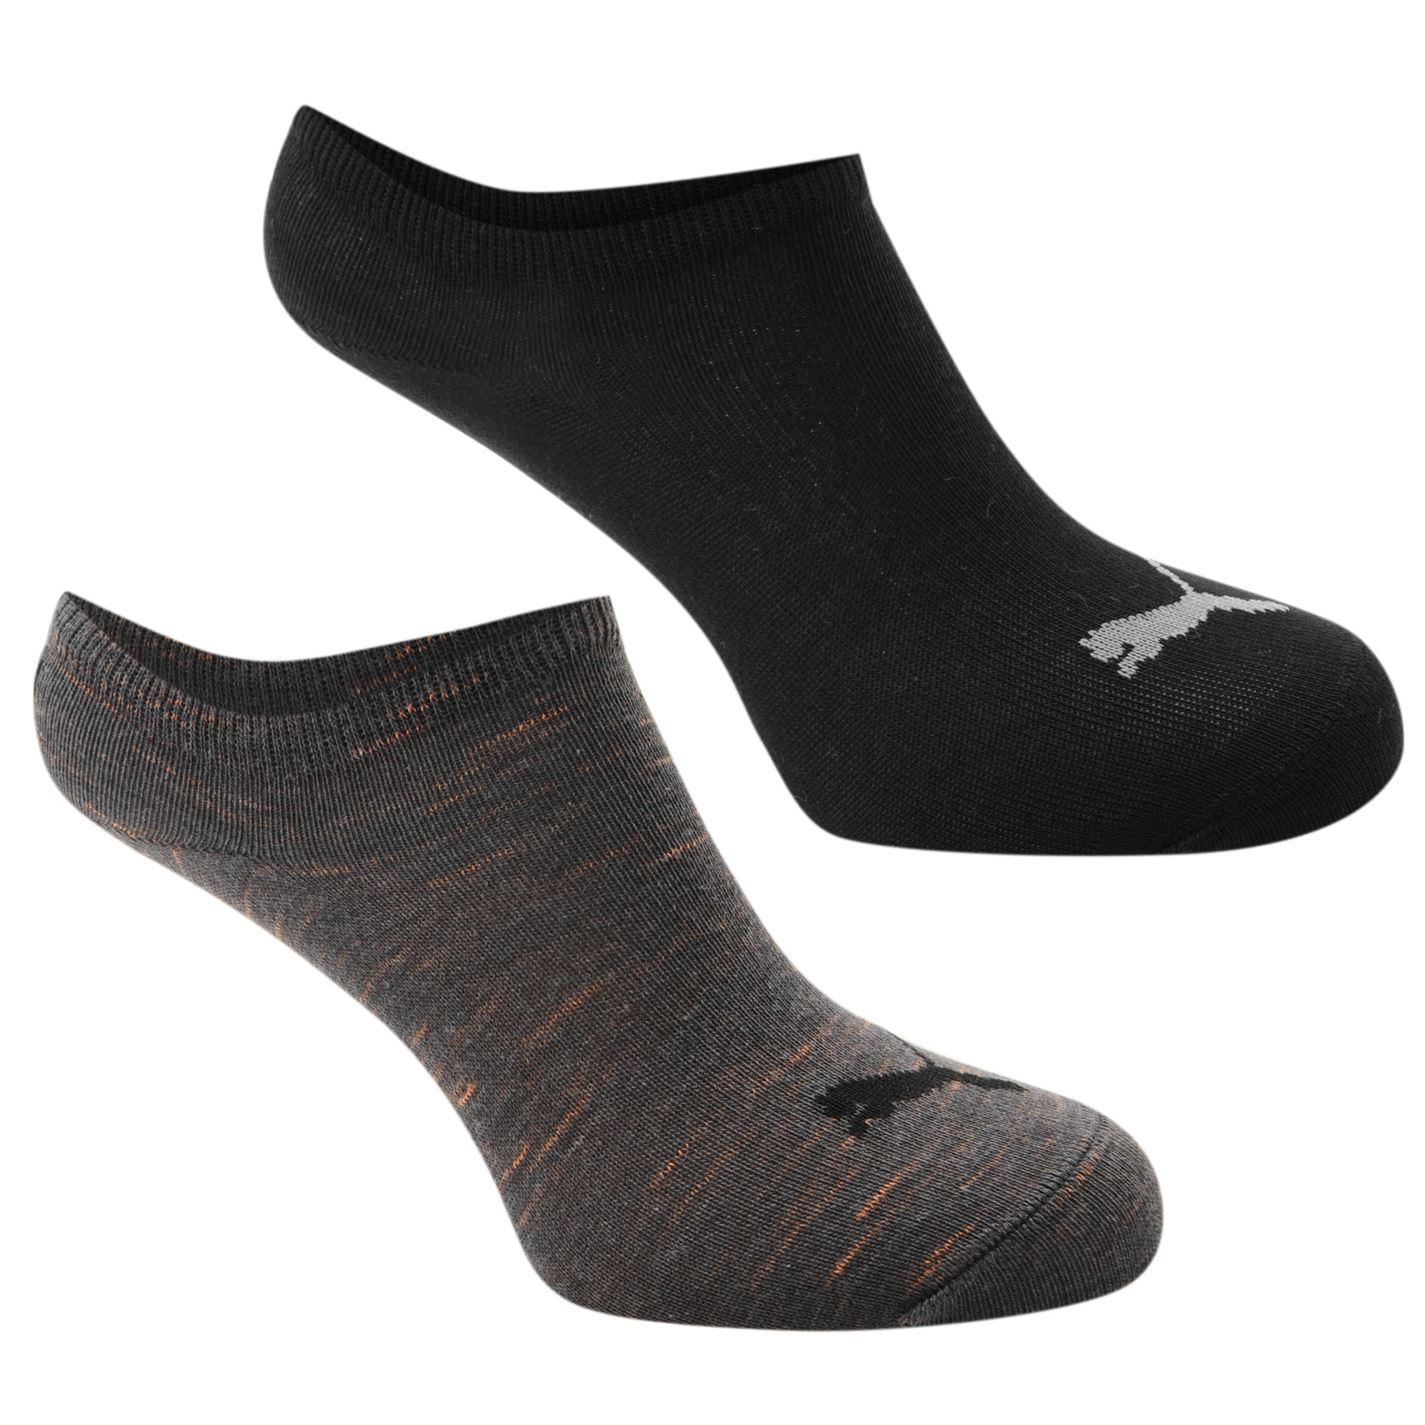 Chlapecké sportovní ponožky Puma, 2 páry, vel. 31 - 34